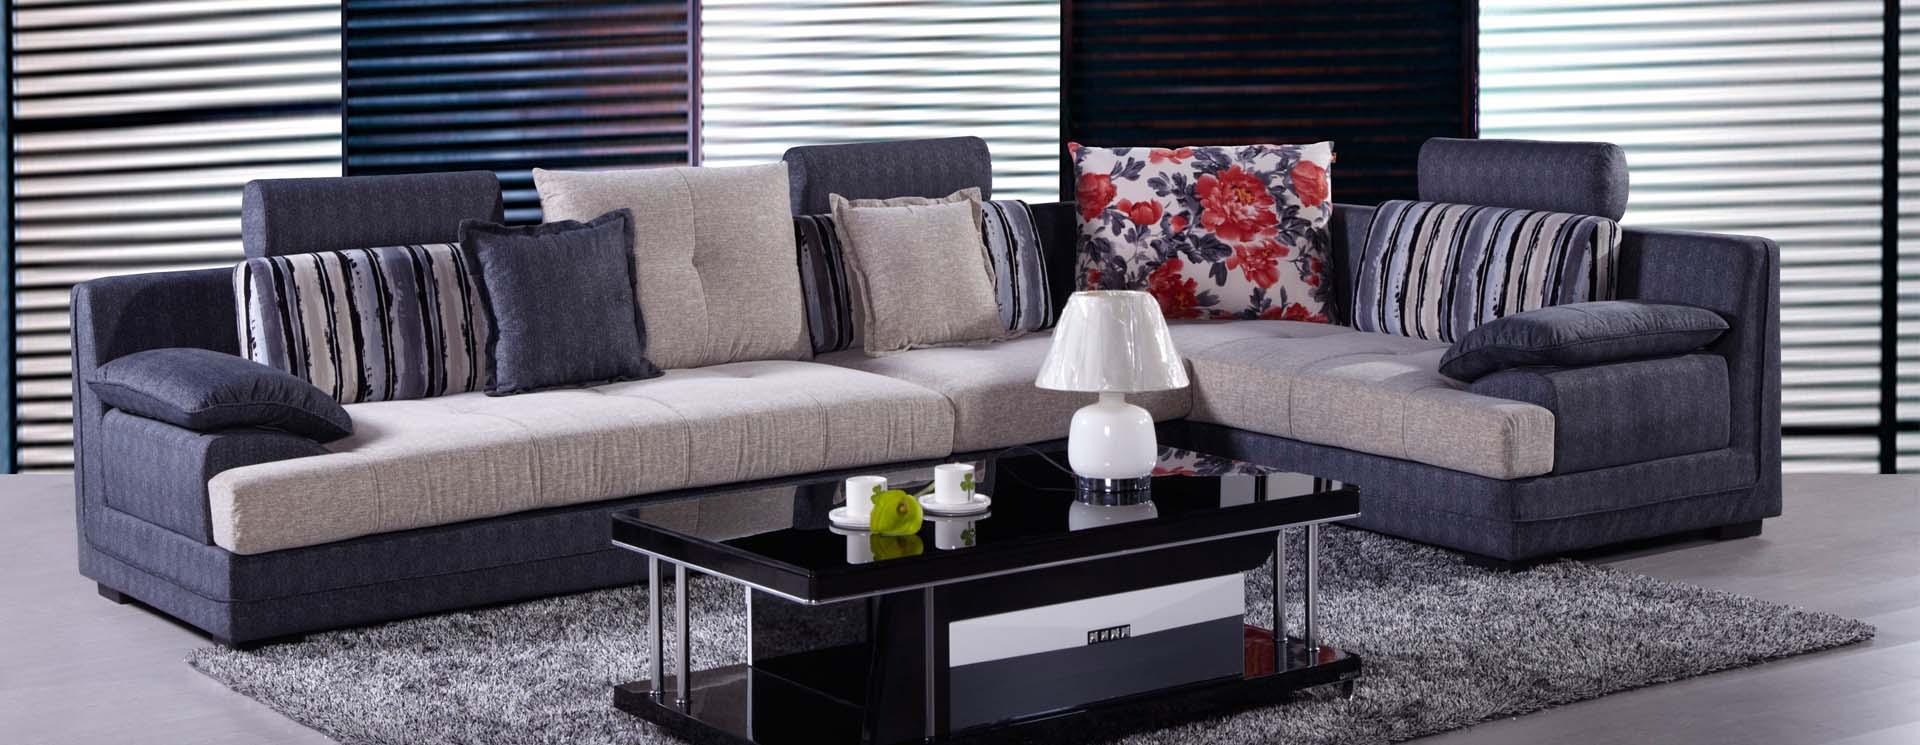 名称:沙发SF301#A<br/> 市场价:<font style='color:#999;text-decoration:line-through;'>¥0</font><br />全国统一零售价:<font color='Red'>¥0.0</font>